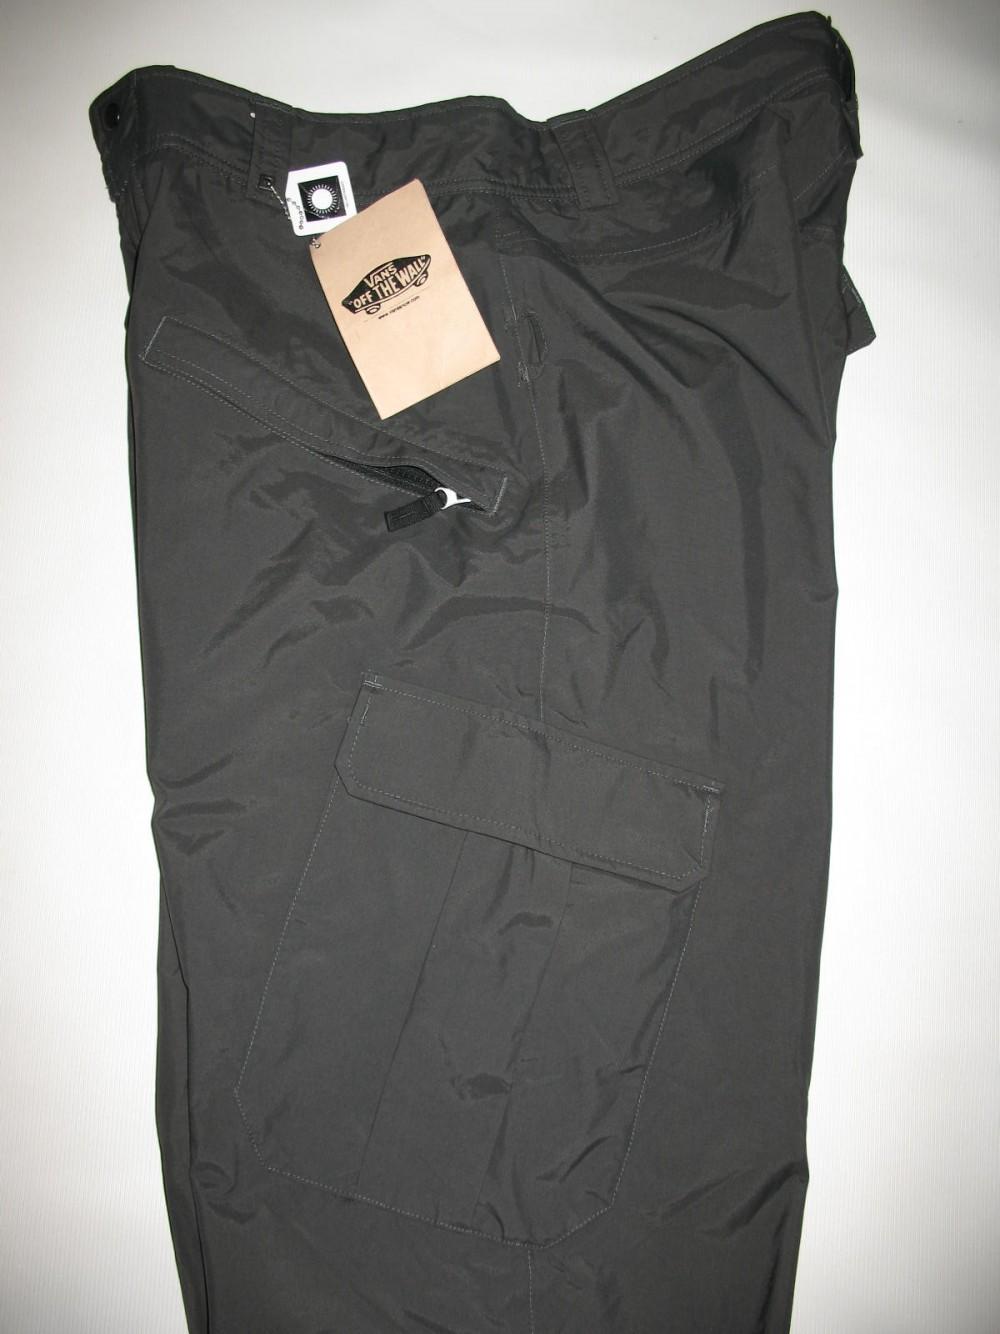 Штаны VANS 10/10 snowboard pants (размер XL) - 4